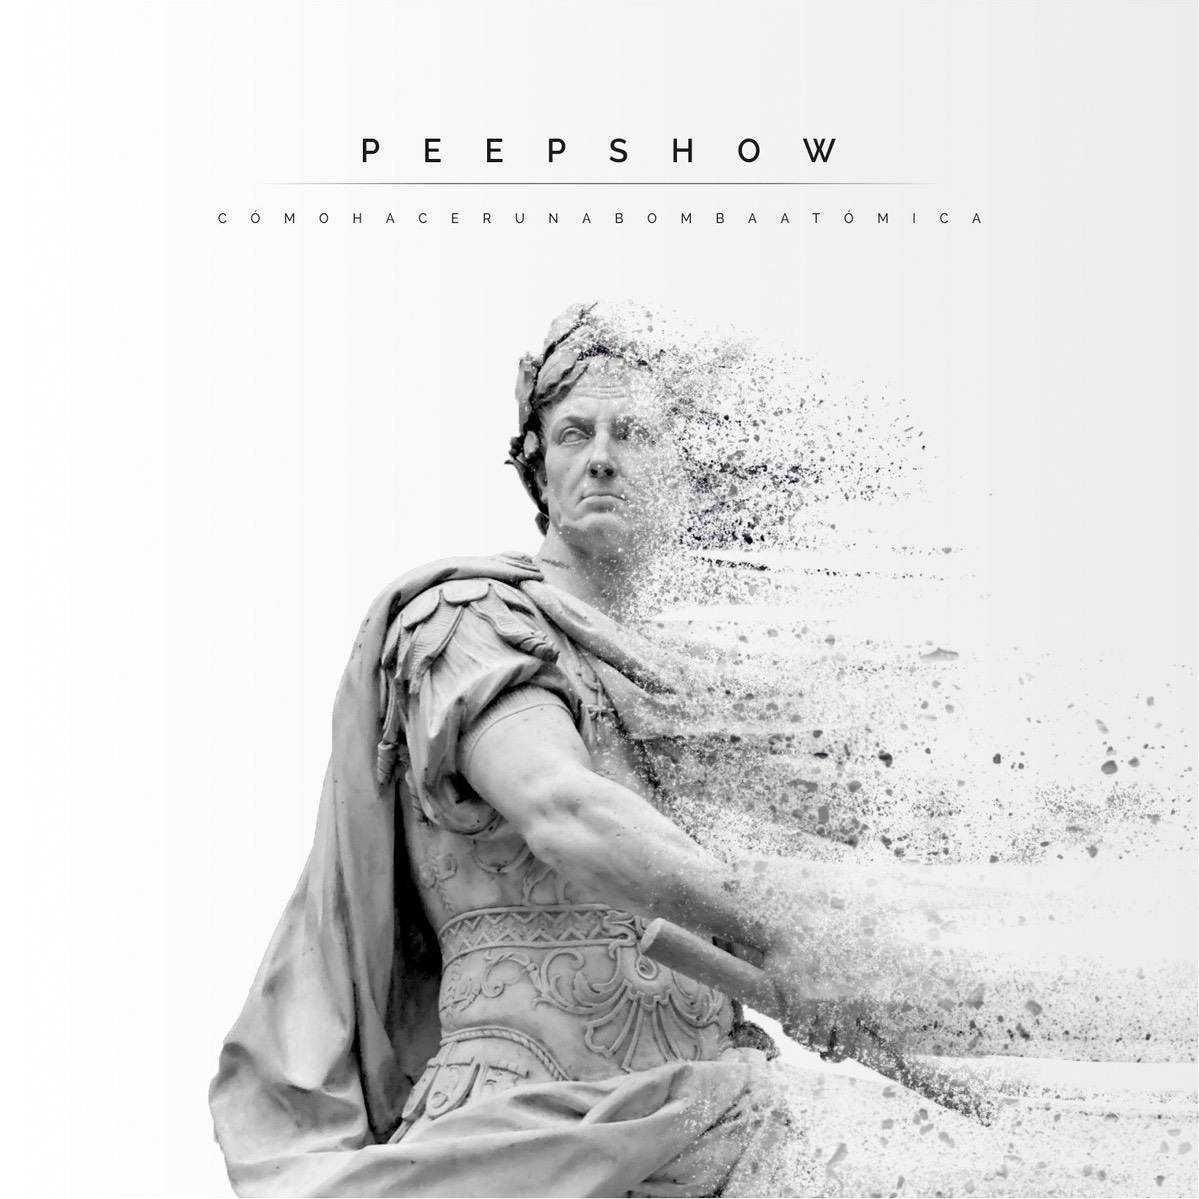 PeepShow album